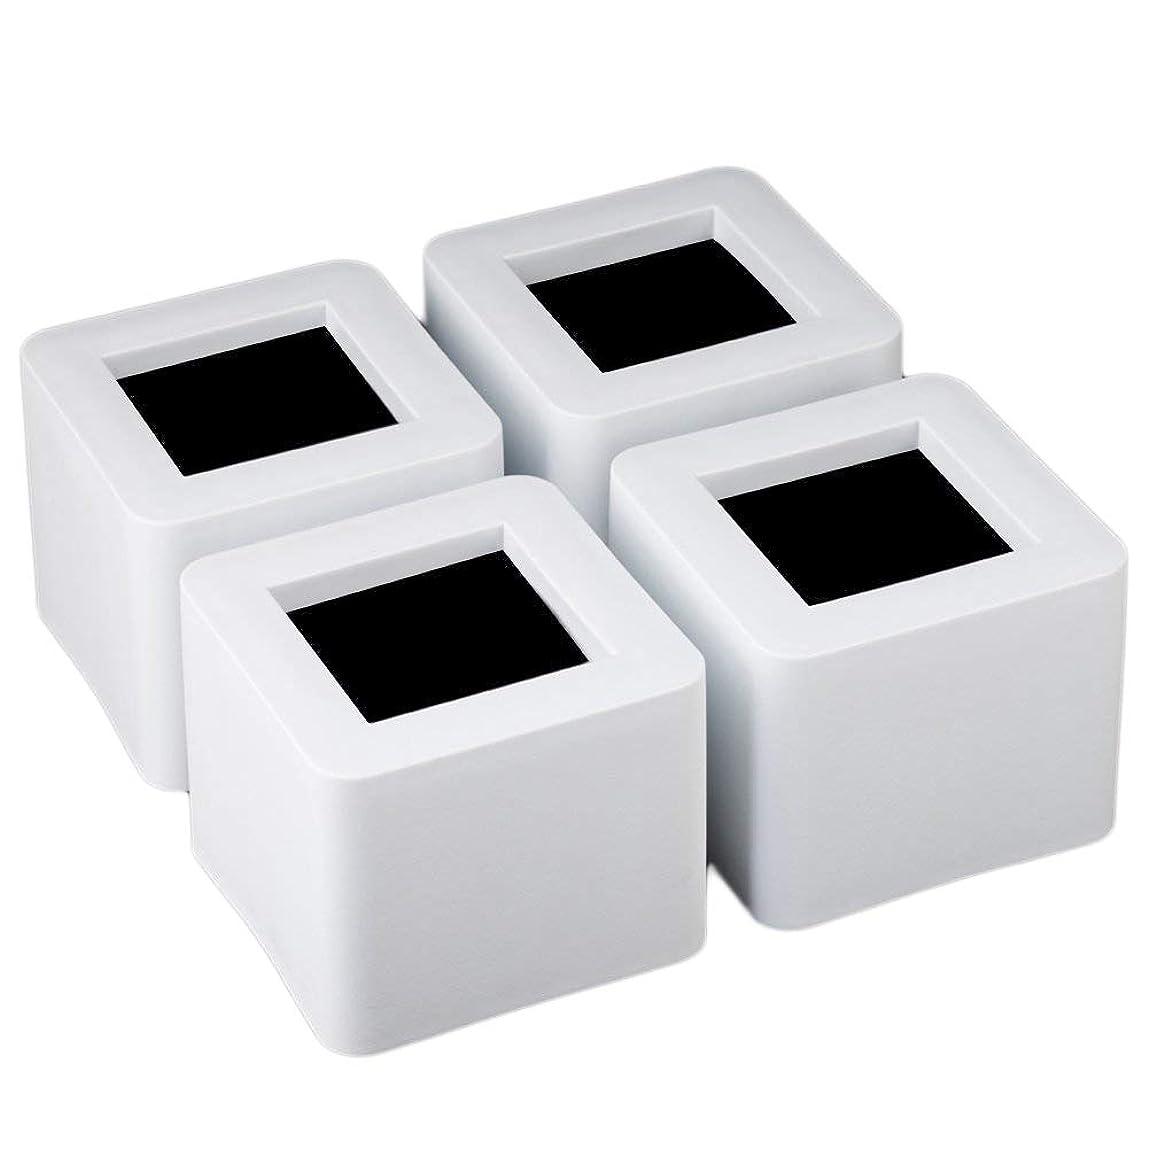 聖なる答えピースUping テーブル? ベッドの高さ調節が簡単にできる ベッド の高さをあげる足 4個セット 高さを上げる 高さ調節脚 こたつ 継足し 継ぎ足 テーブル脚台 高さ調整 暖房器具 (耐荷重1000kg) ホワイト